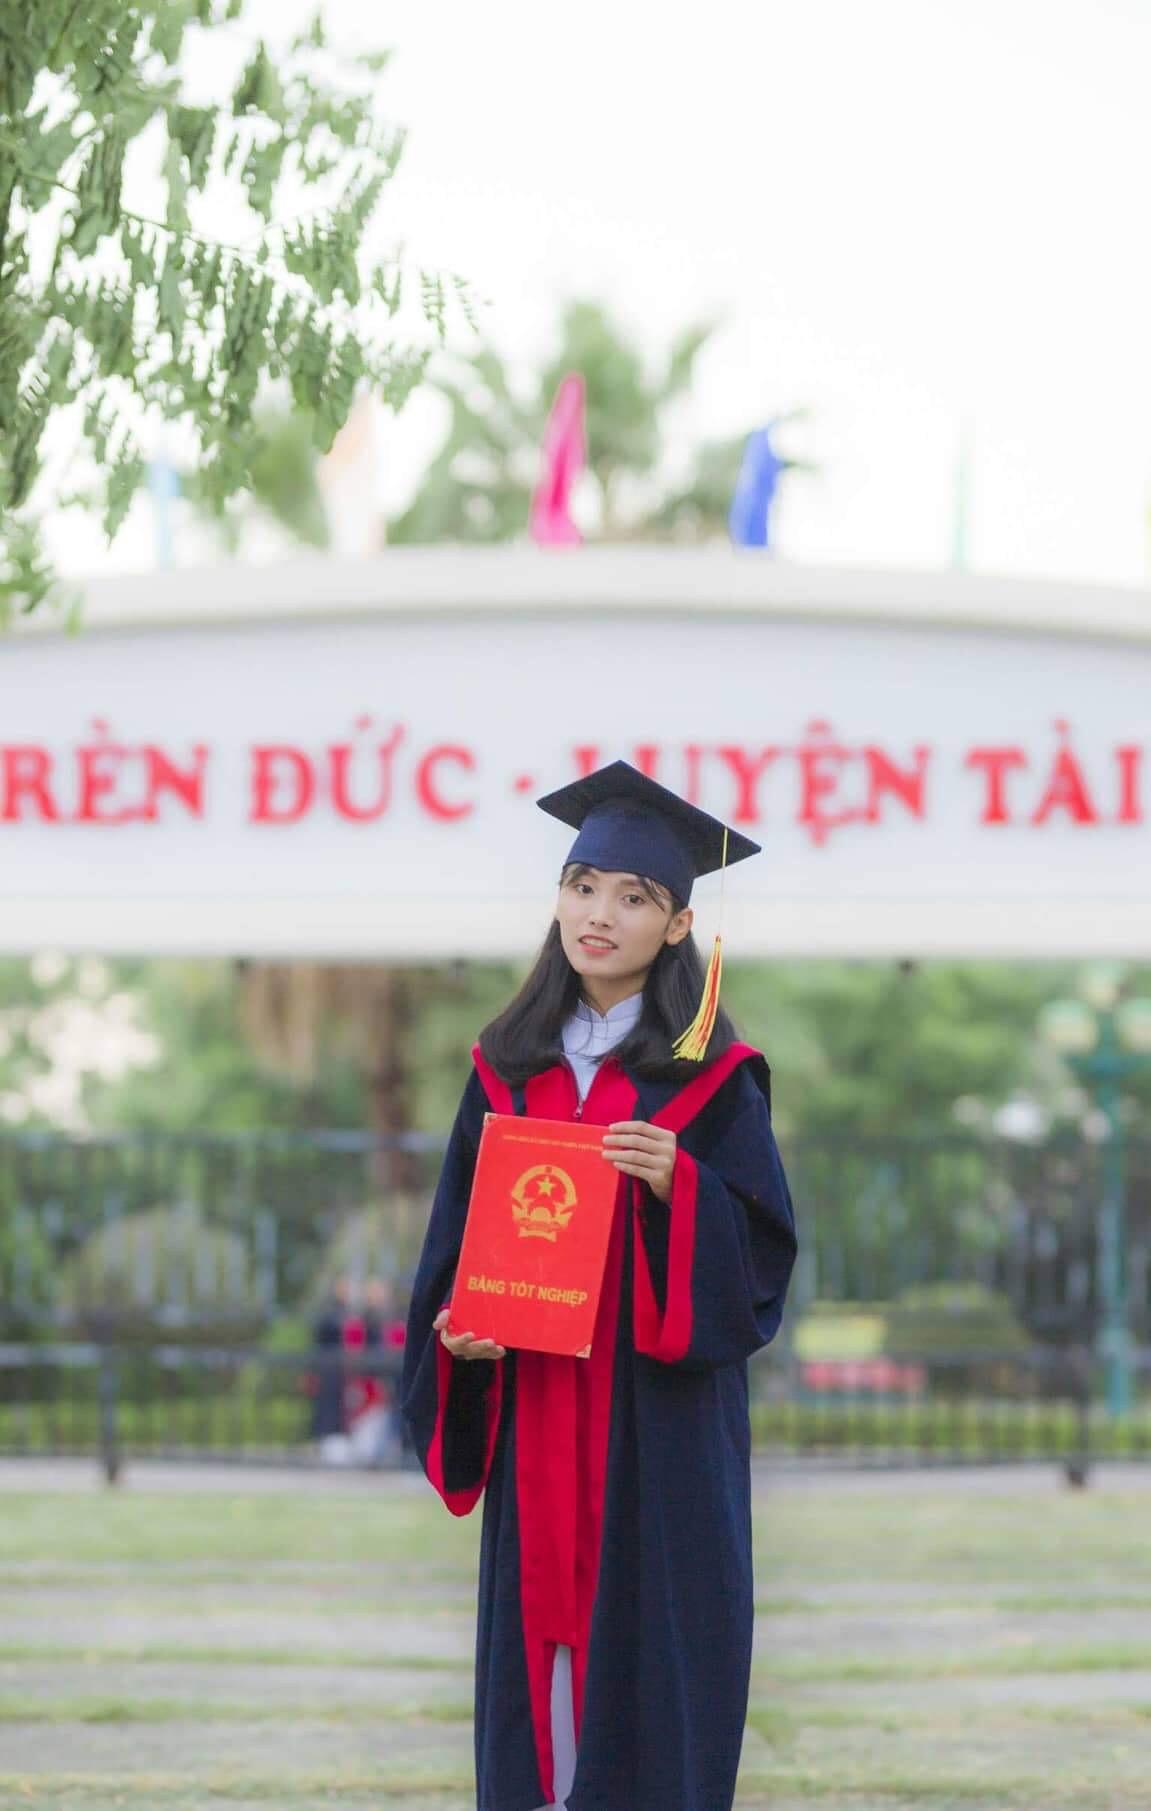 Hơn cả một học sinh giỏi: Vượt qua nỗi đau mất mẹ, nữ sinh Quảng Nam vươn lên đạt điểm văn cao nhất cả nước trong kỳ thi THPT Quốc gia 2019 - Ảnh 1.